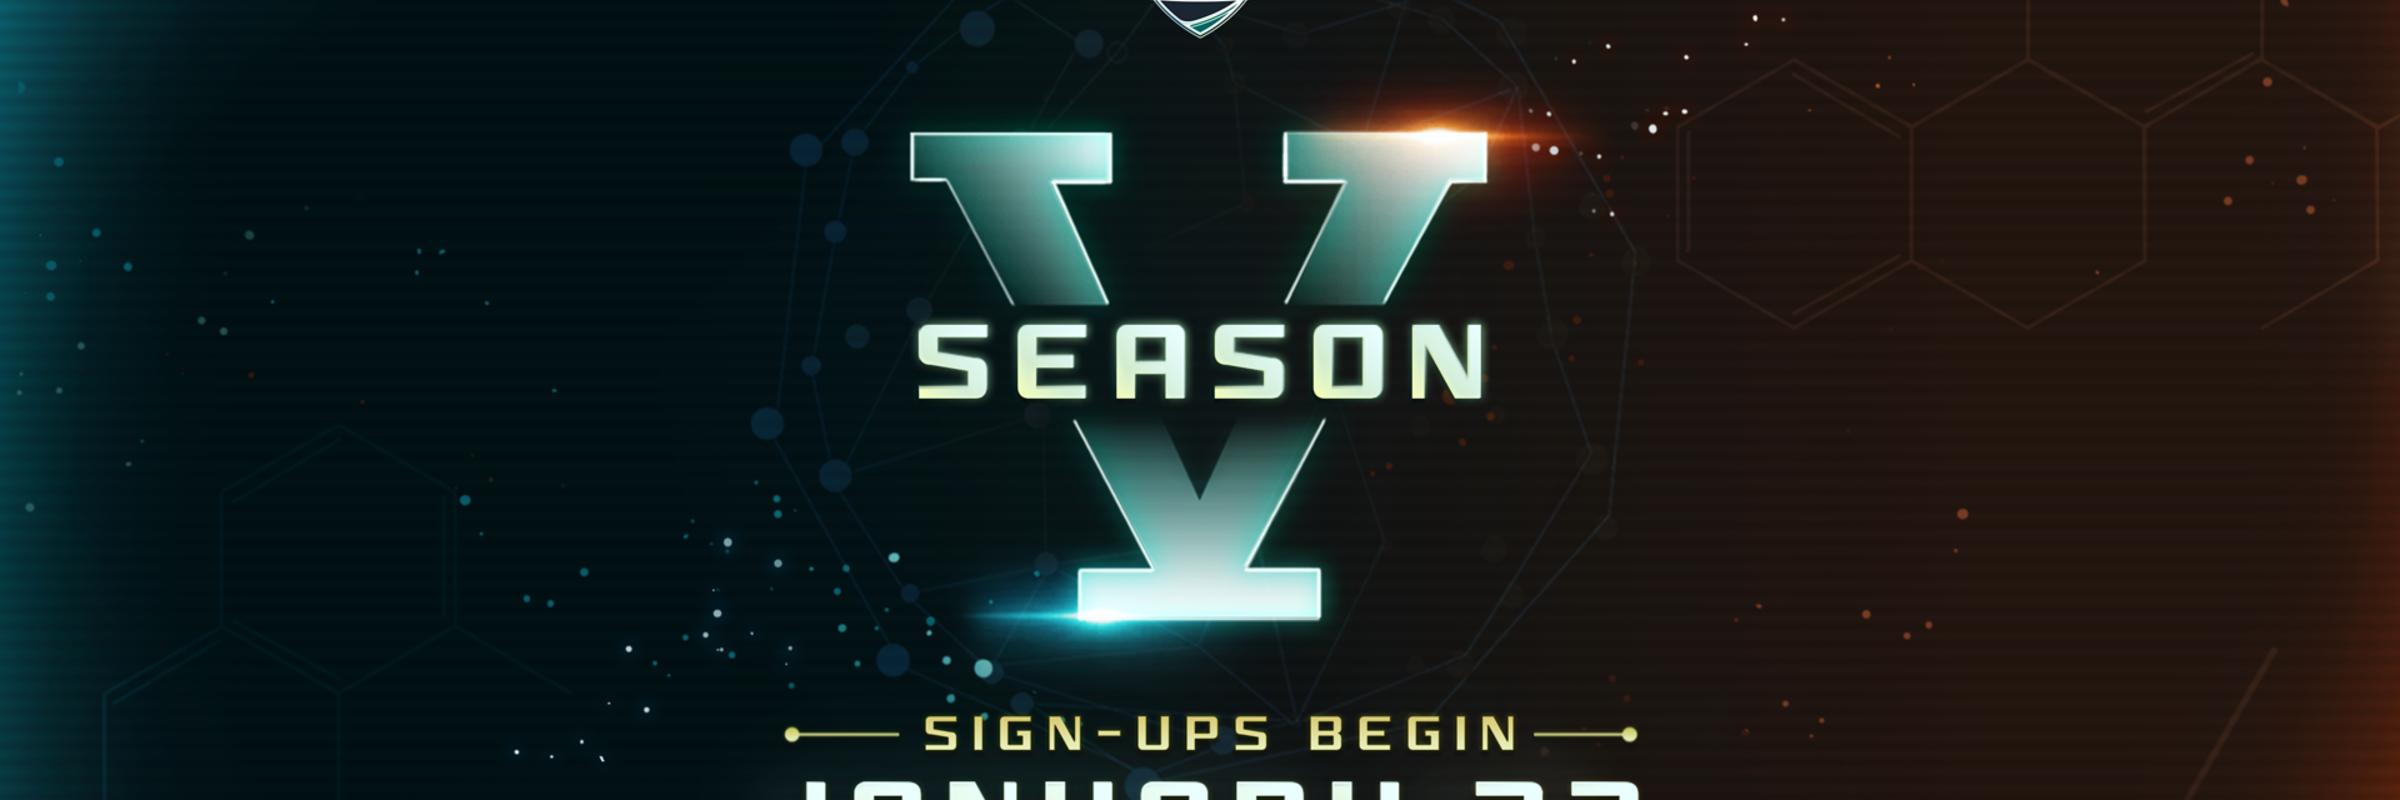 Introducing RLCS Season 5 Image